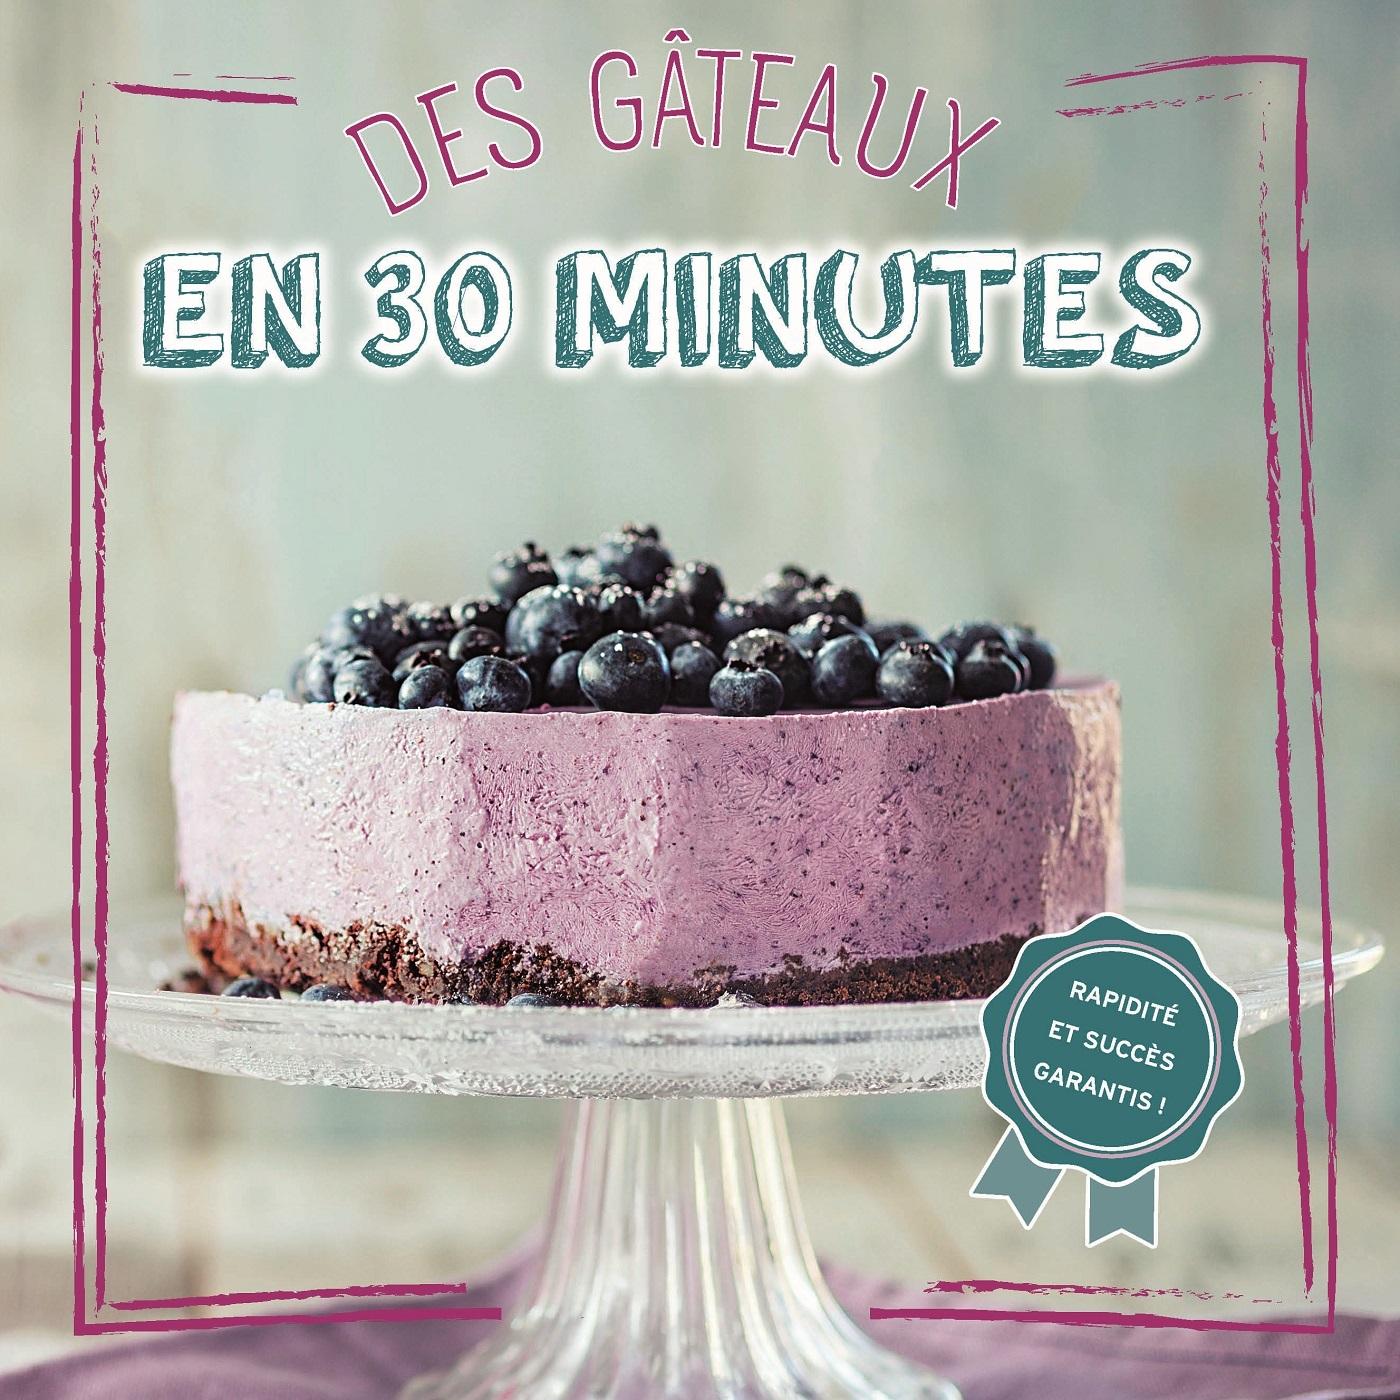 DES GATEAUX EN 30 MINUTES